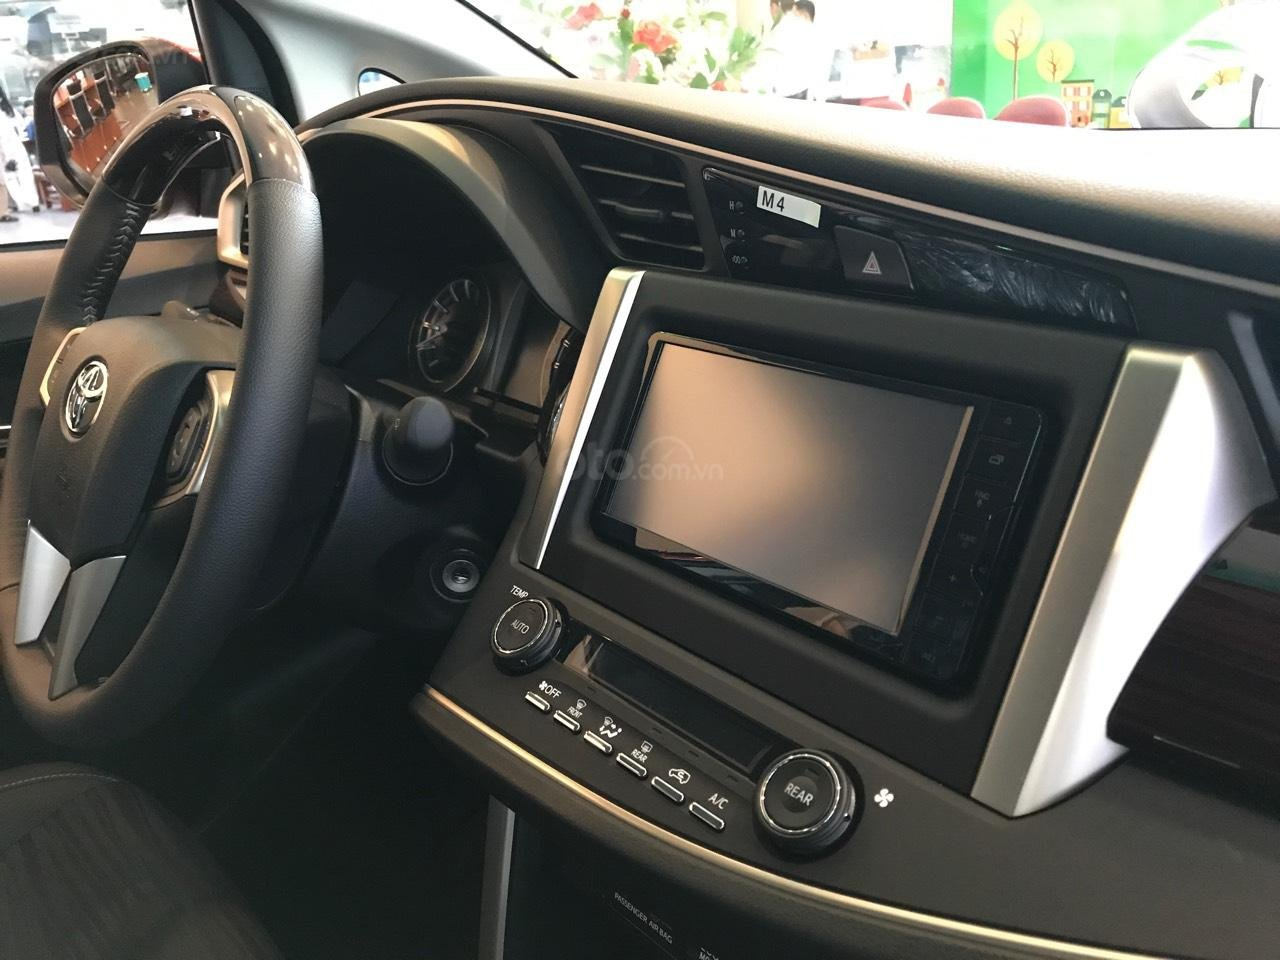 Toyota Tân Cảng - Ưu đãi xe Innova 2.0 Venturer - trả trước 200tr nhận xe, hotline 0933000600 (4)